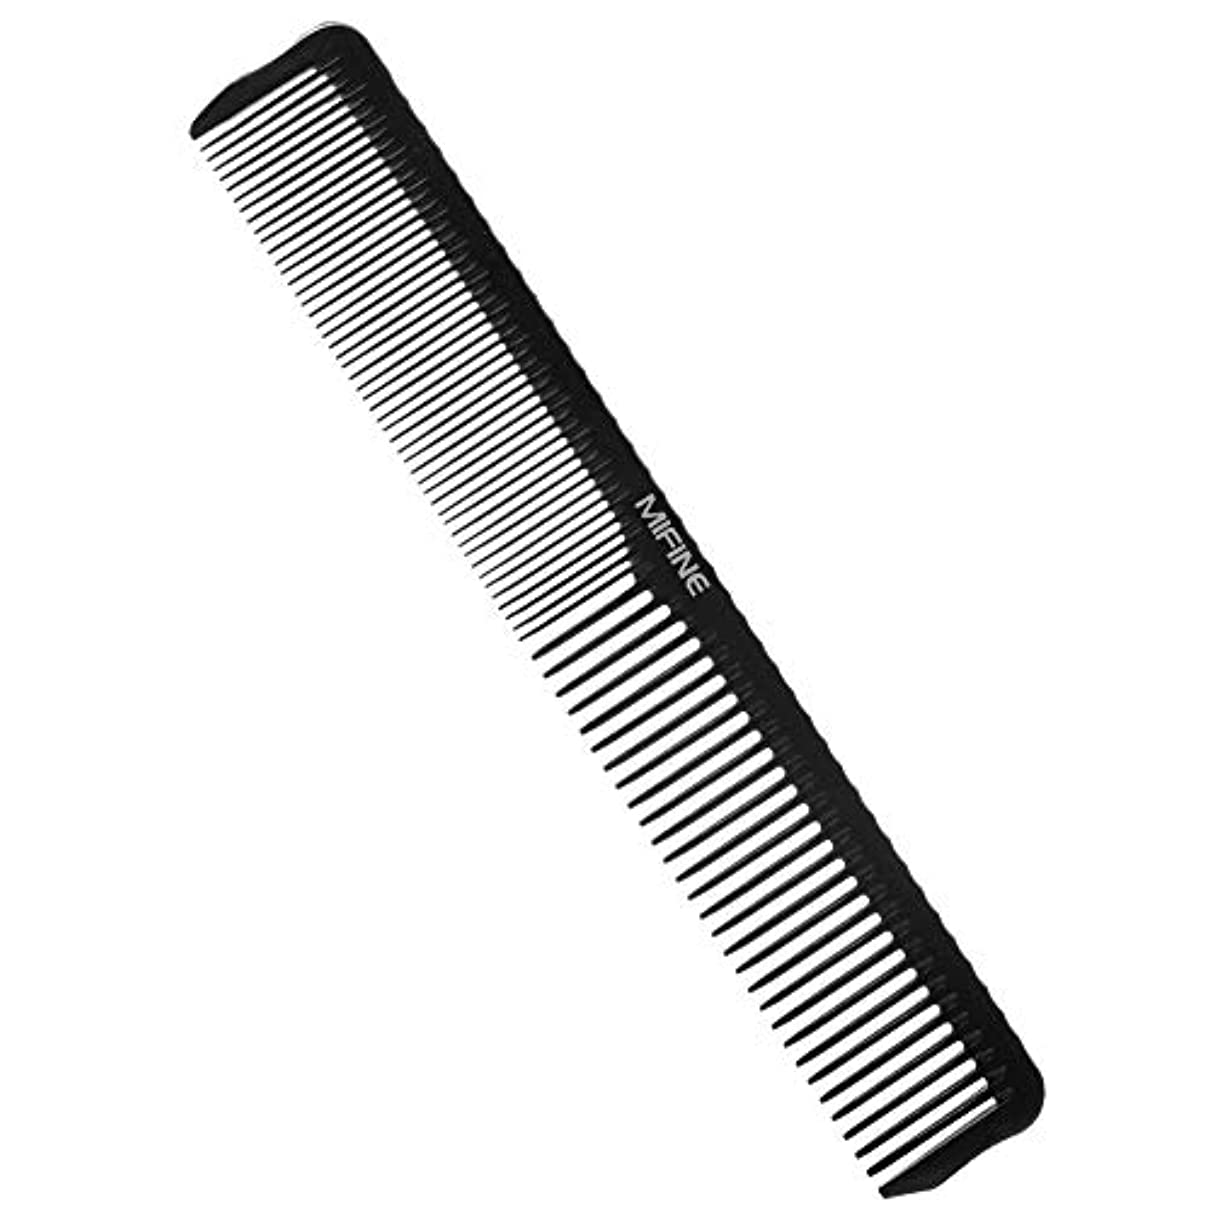 少数注釈を付けるシンクカットコーム 美容師 クシ メンズ Mifine 櫛 静電気防止 ヘアブラシ 耐熱 ヘアコーム くし メンズ 梳子 髪くし プロ用カットコーム ウェット ドライ兼用 梳子